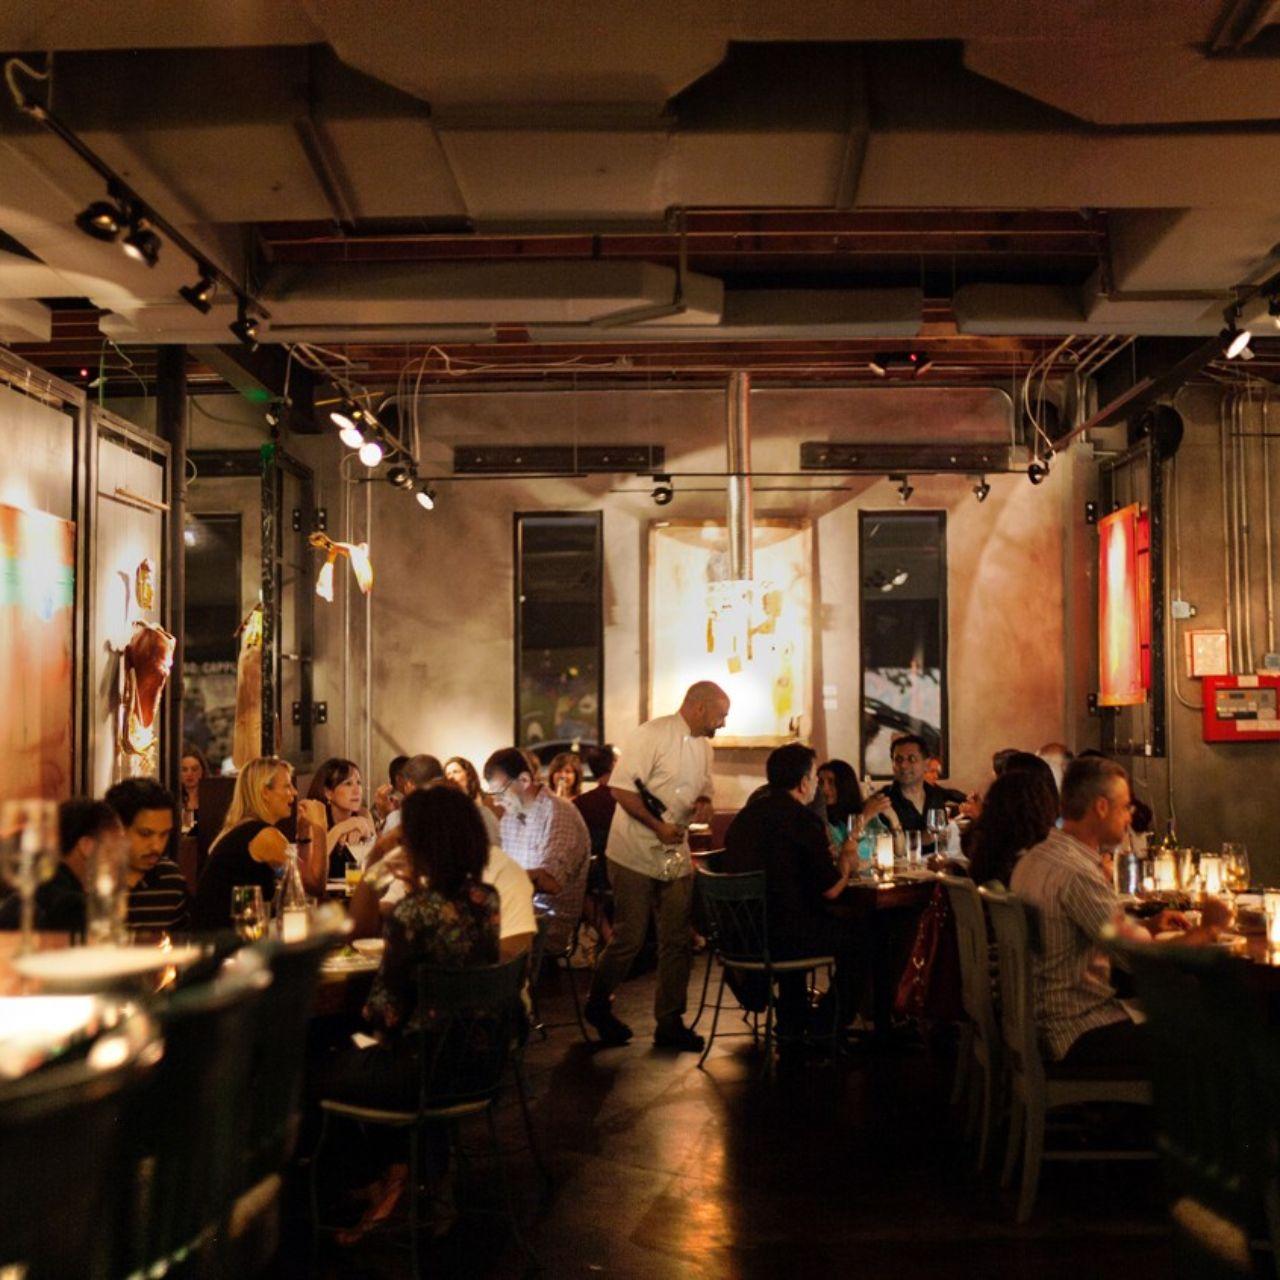 R House Wynwood Restaurant Miami Fl, Wynwood Dining Room Set